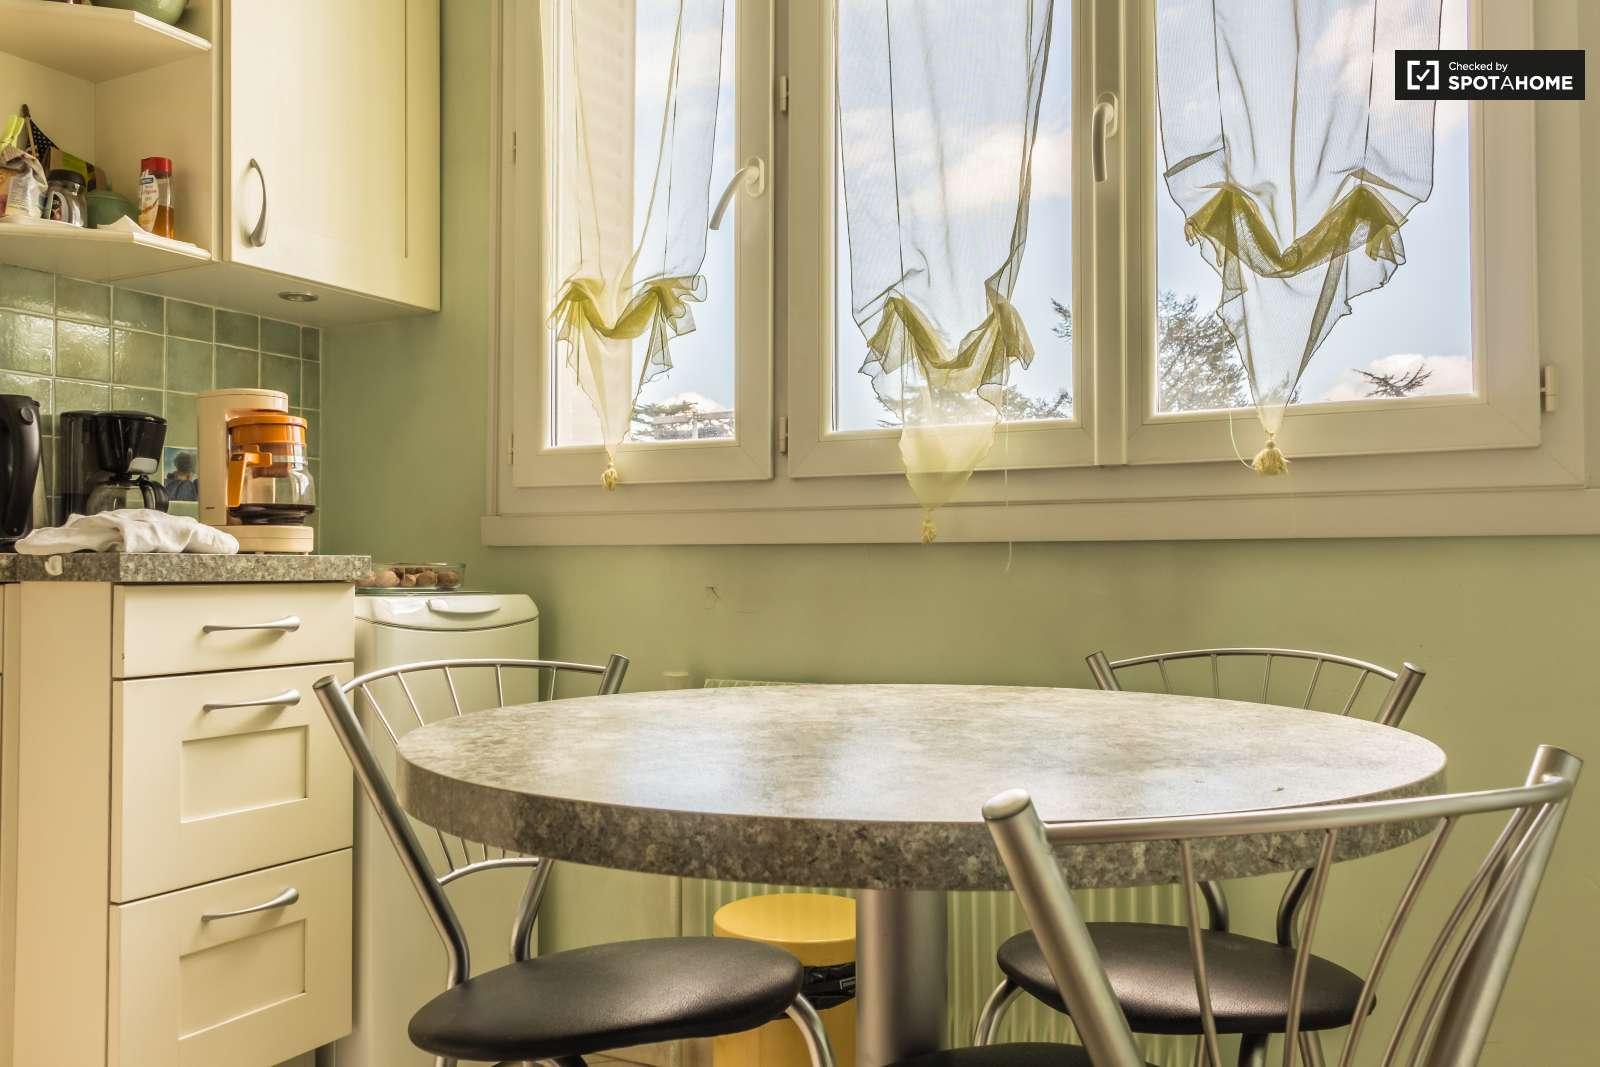 Chambre accueillante dans un appartement sur la colline de for Extra cuisine lyon